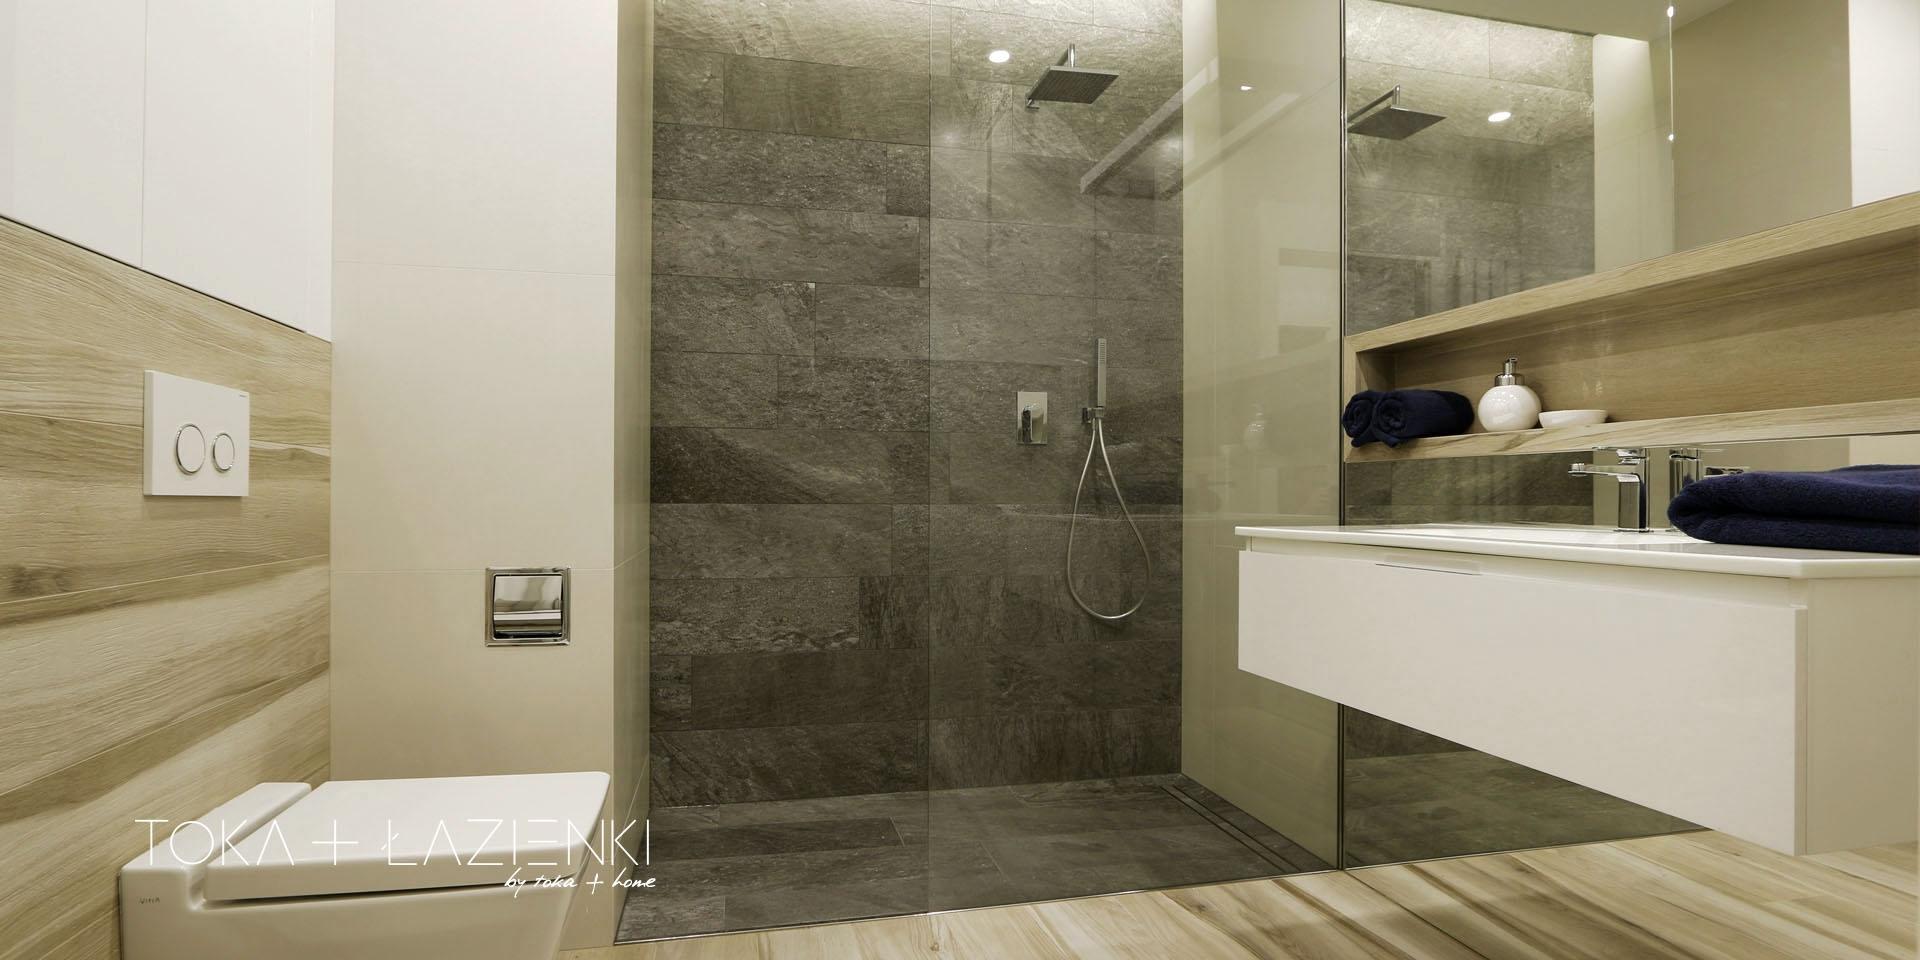 projektowanie łazienek tychy